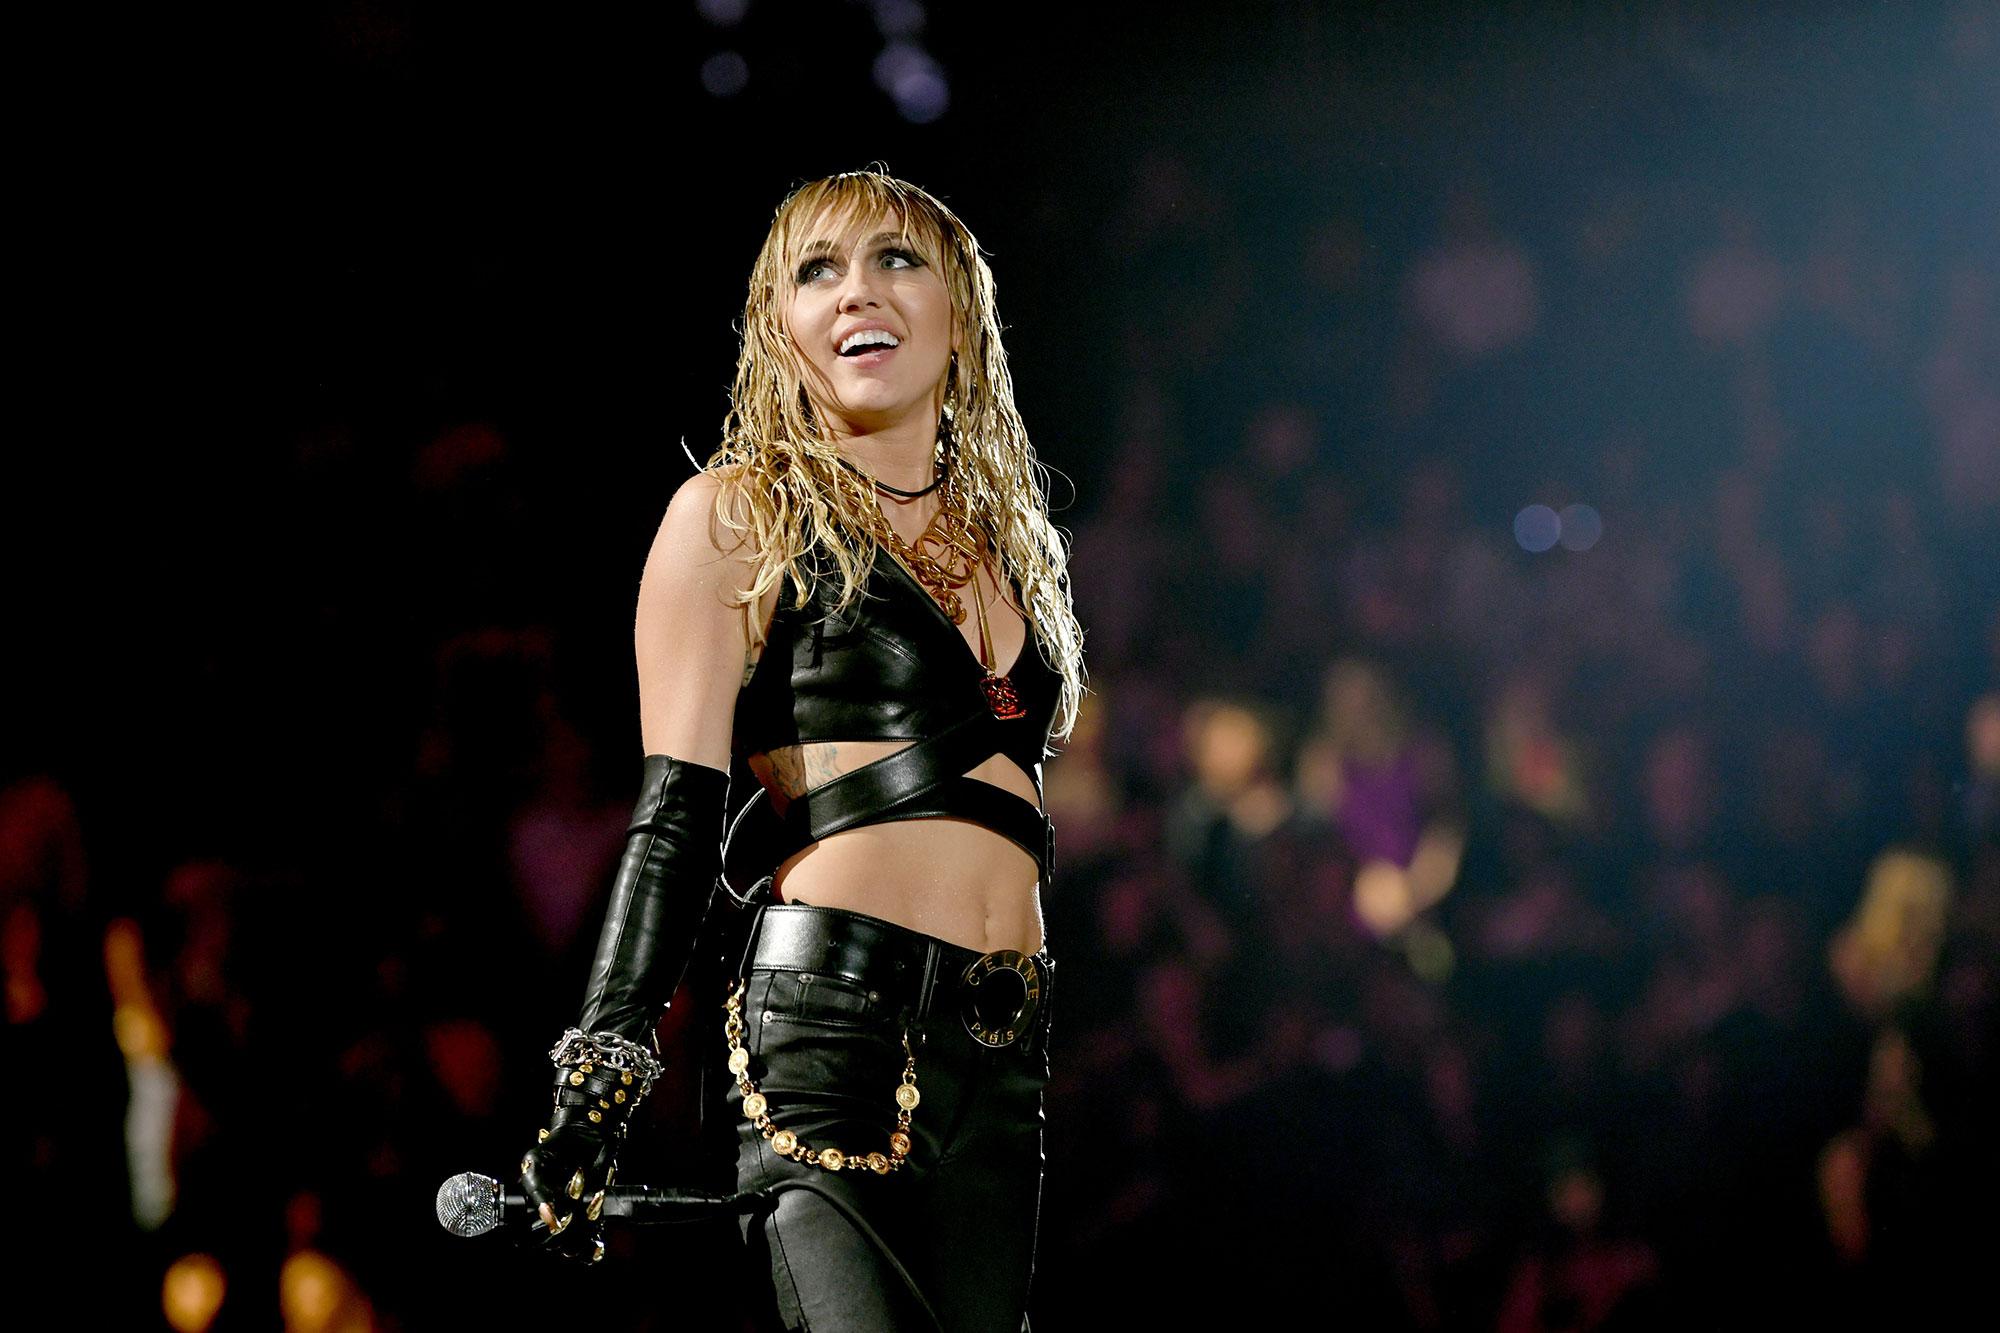 ¡Miley Cirus suena tremendo! - Radio Cantilo